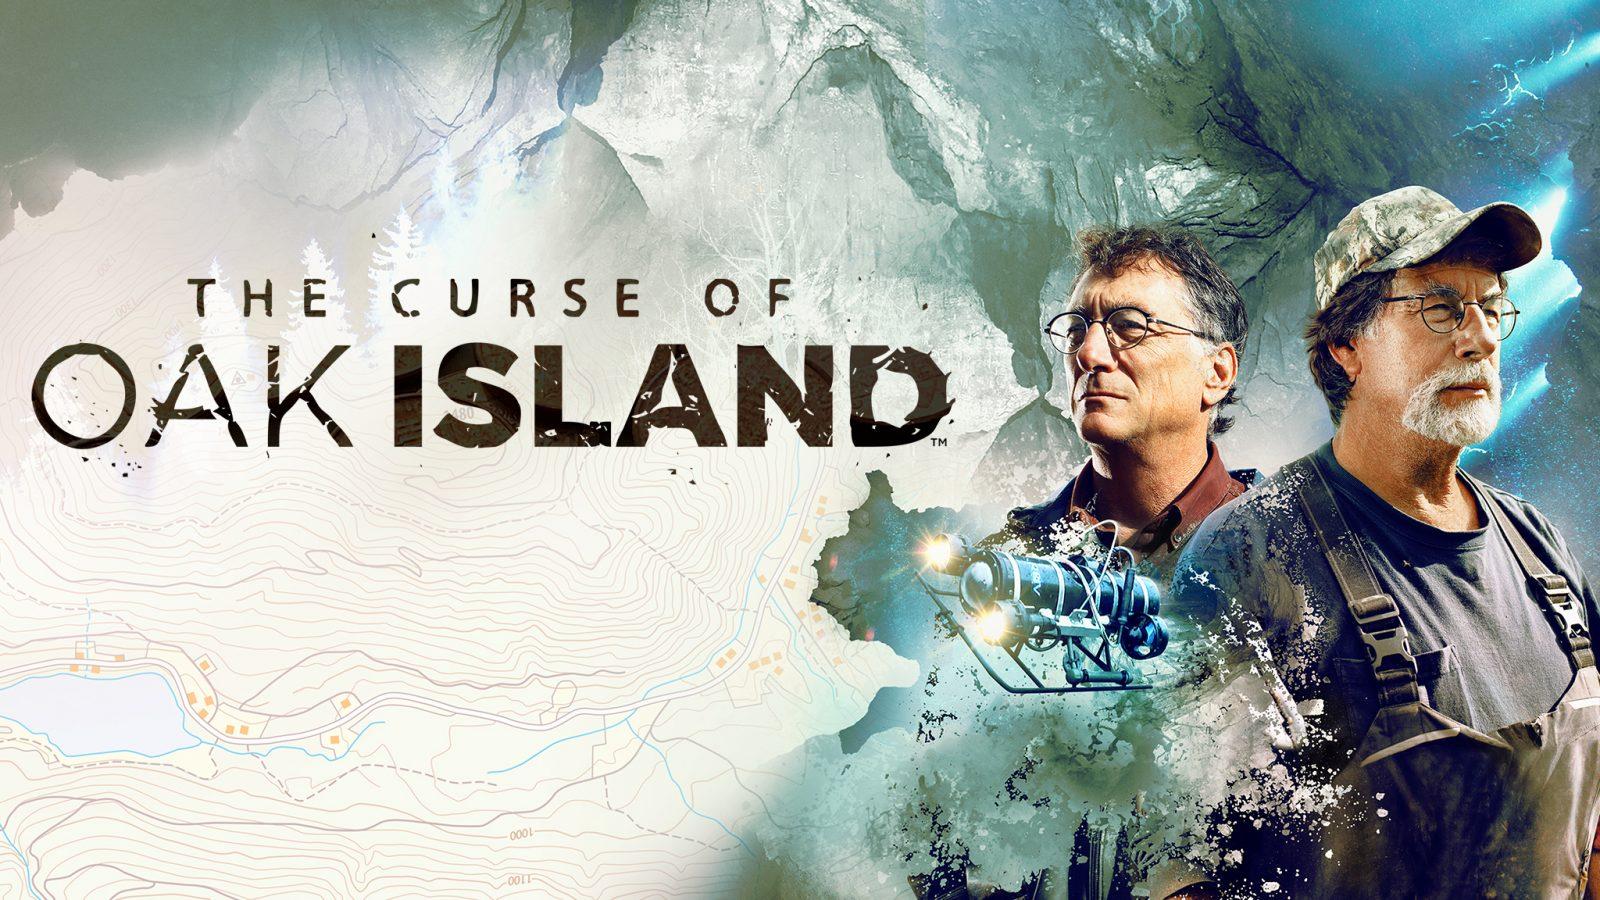 Preview And Recap: The Curse of Oak Island Season 8 Episode 22